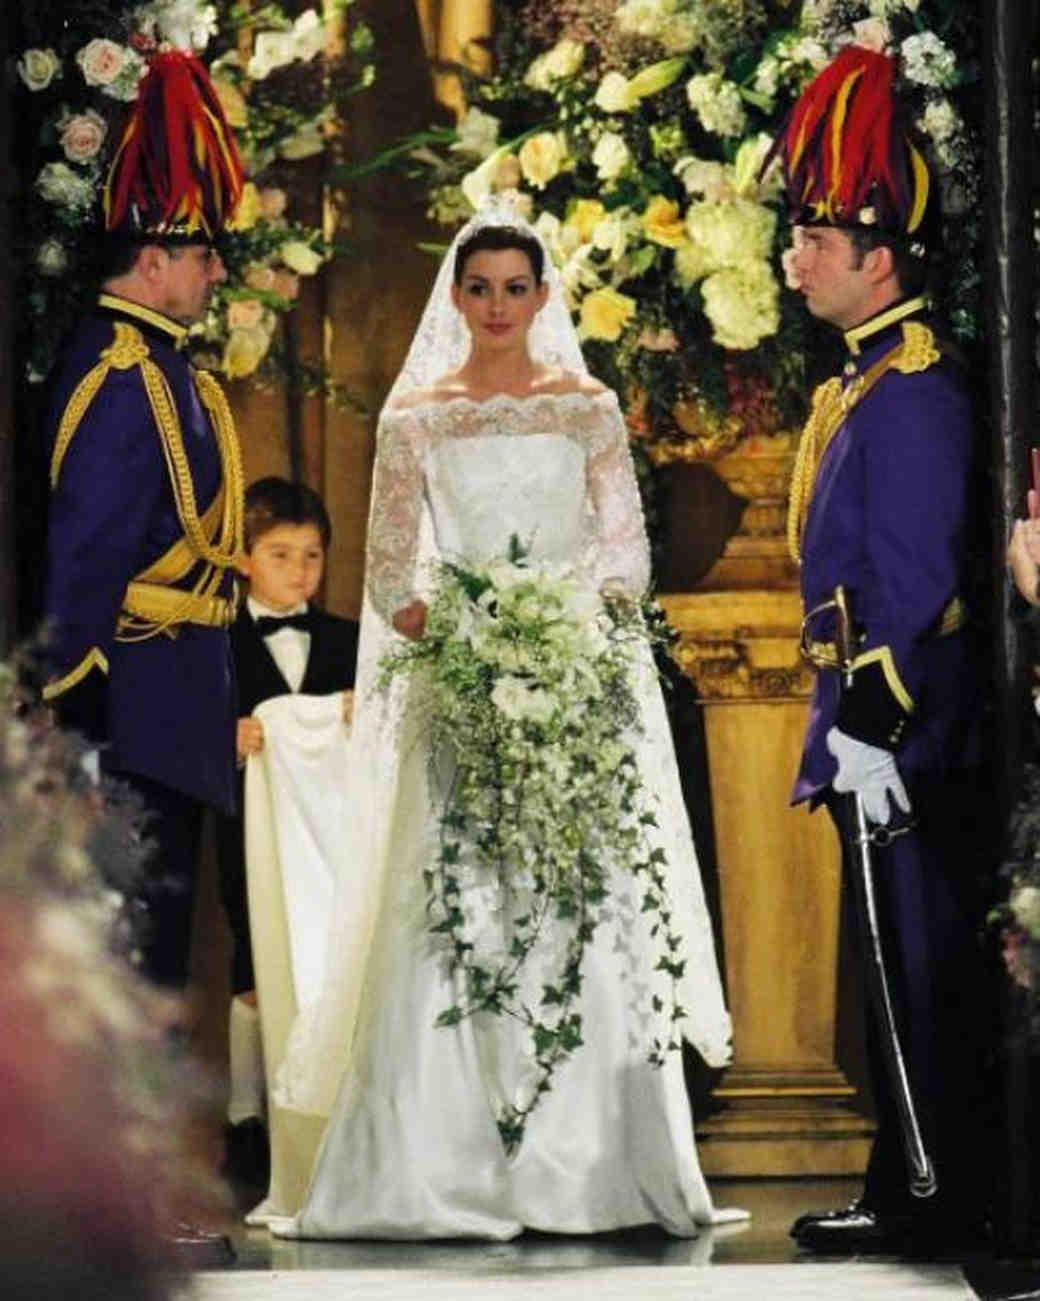 movie-wedding-dresses-princes-diaries-2-anne-hathaway-0316.jpg